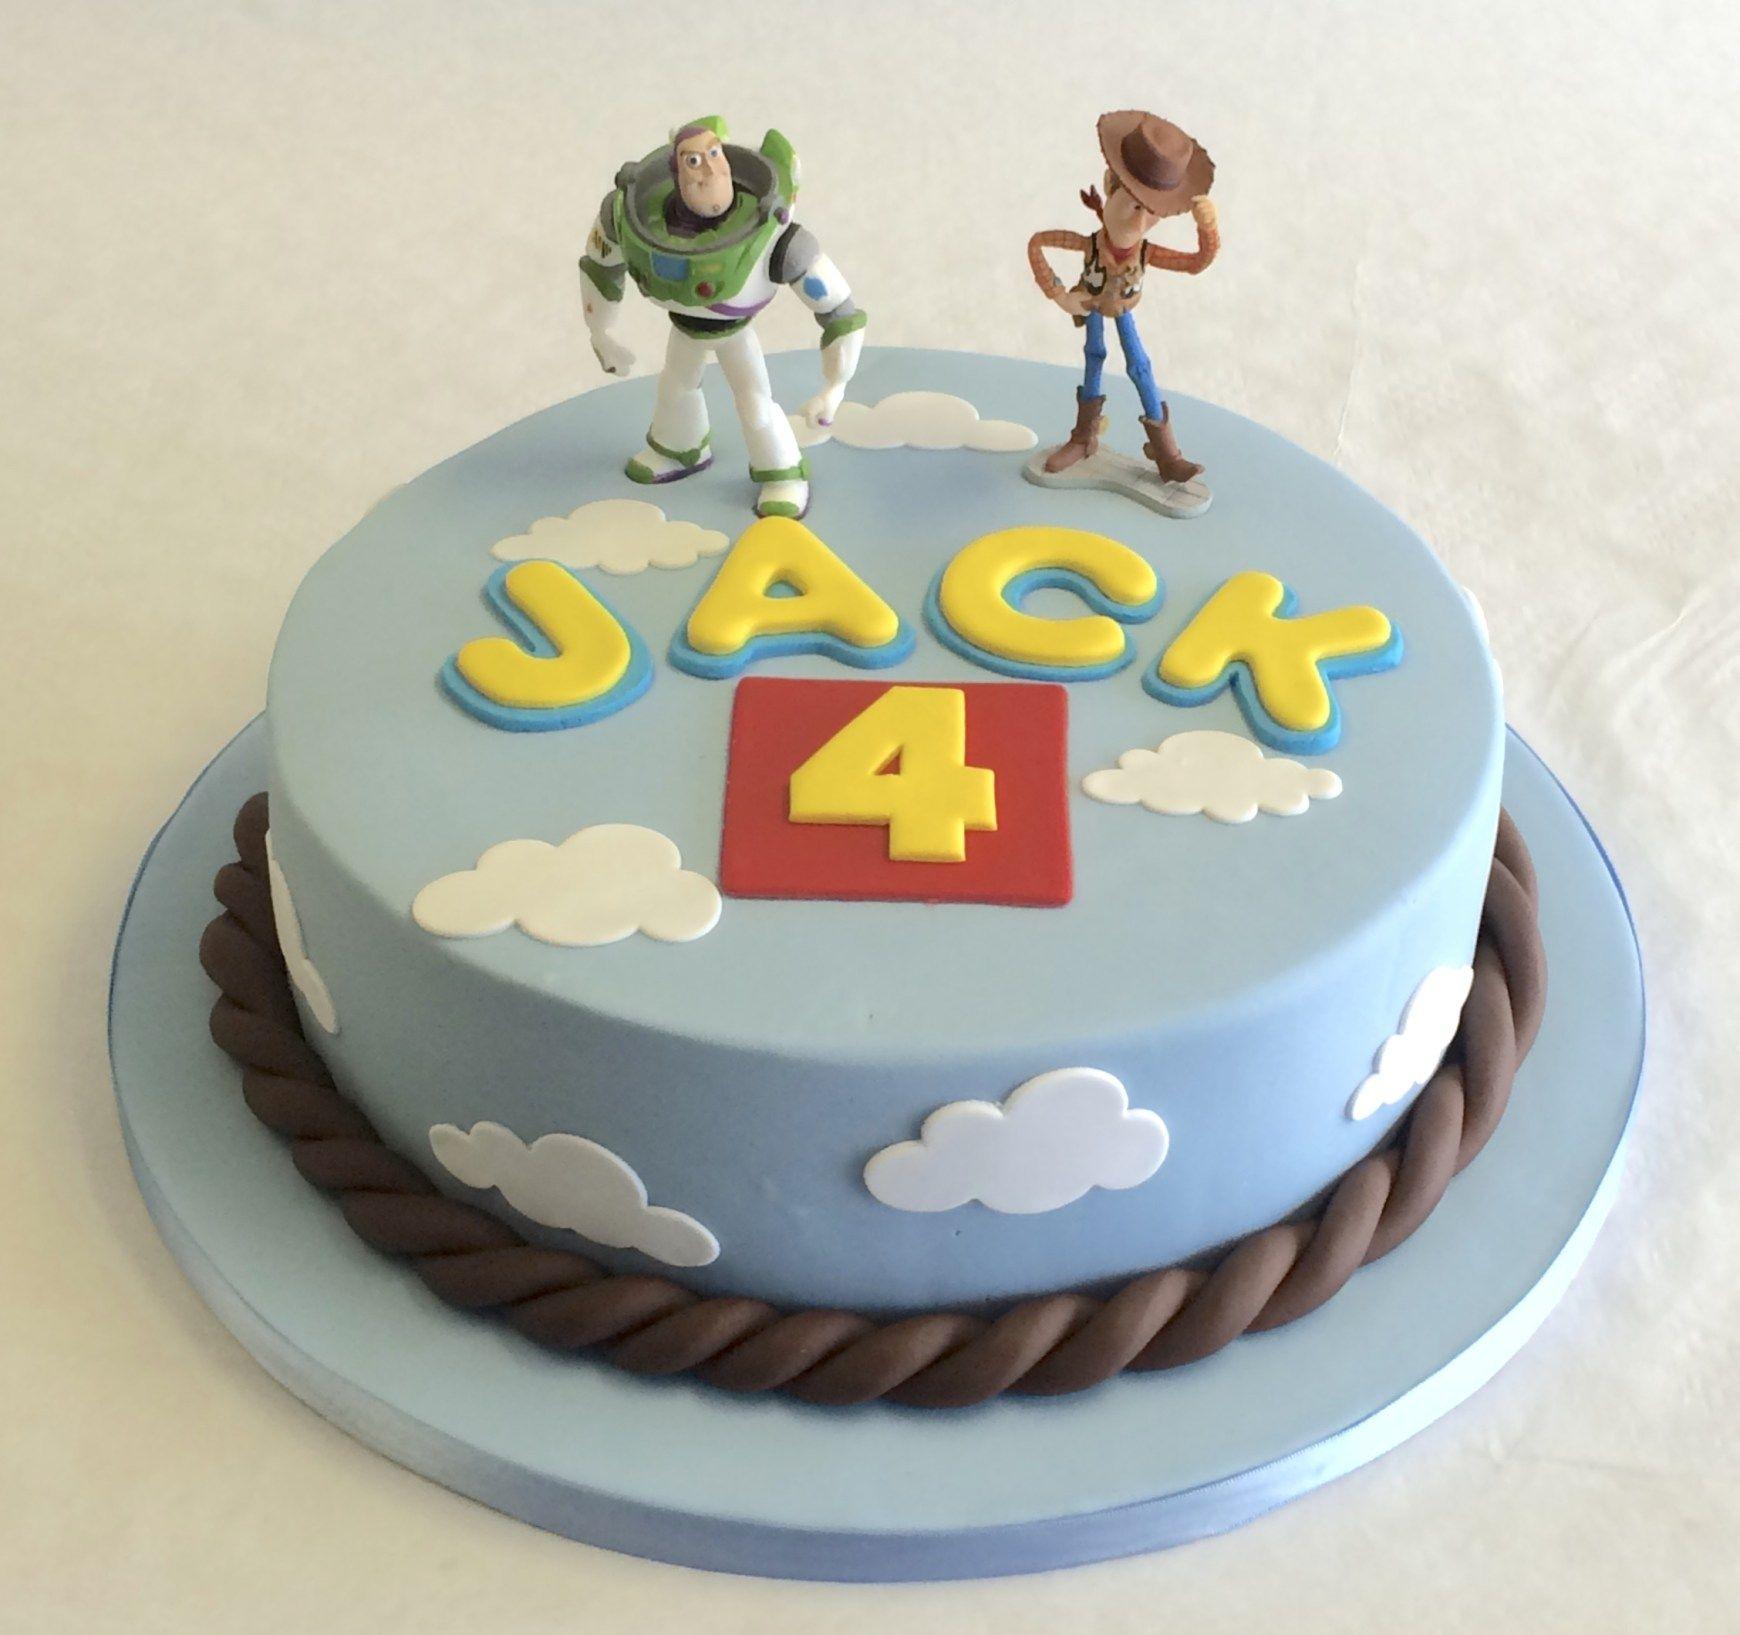 27+ Brillantes Foto von Toy Story-Geburtstagstorten   – Harry's 5th birthday